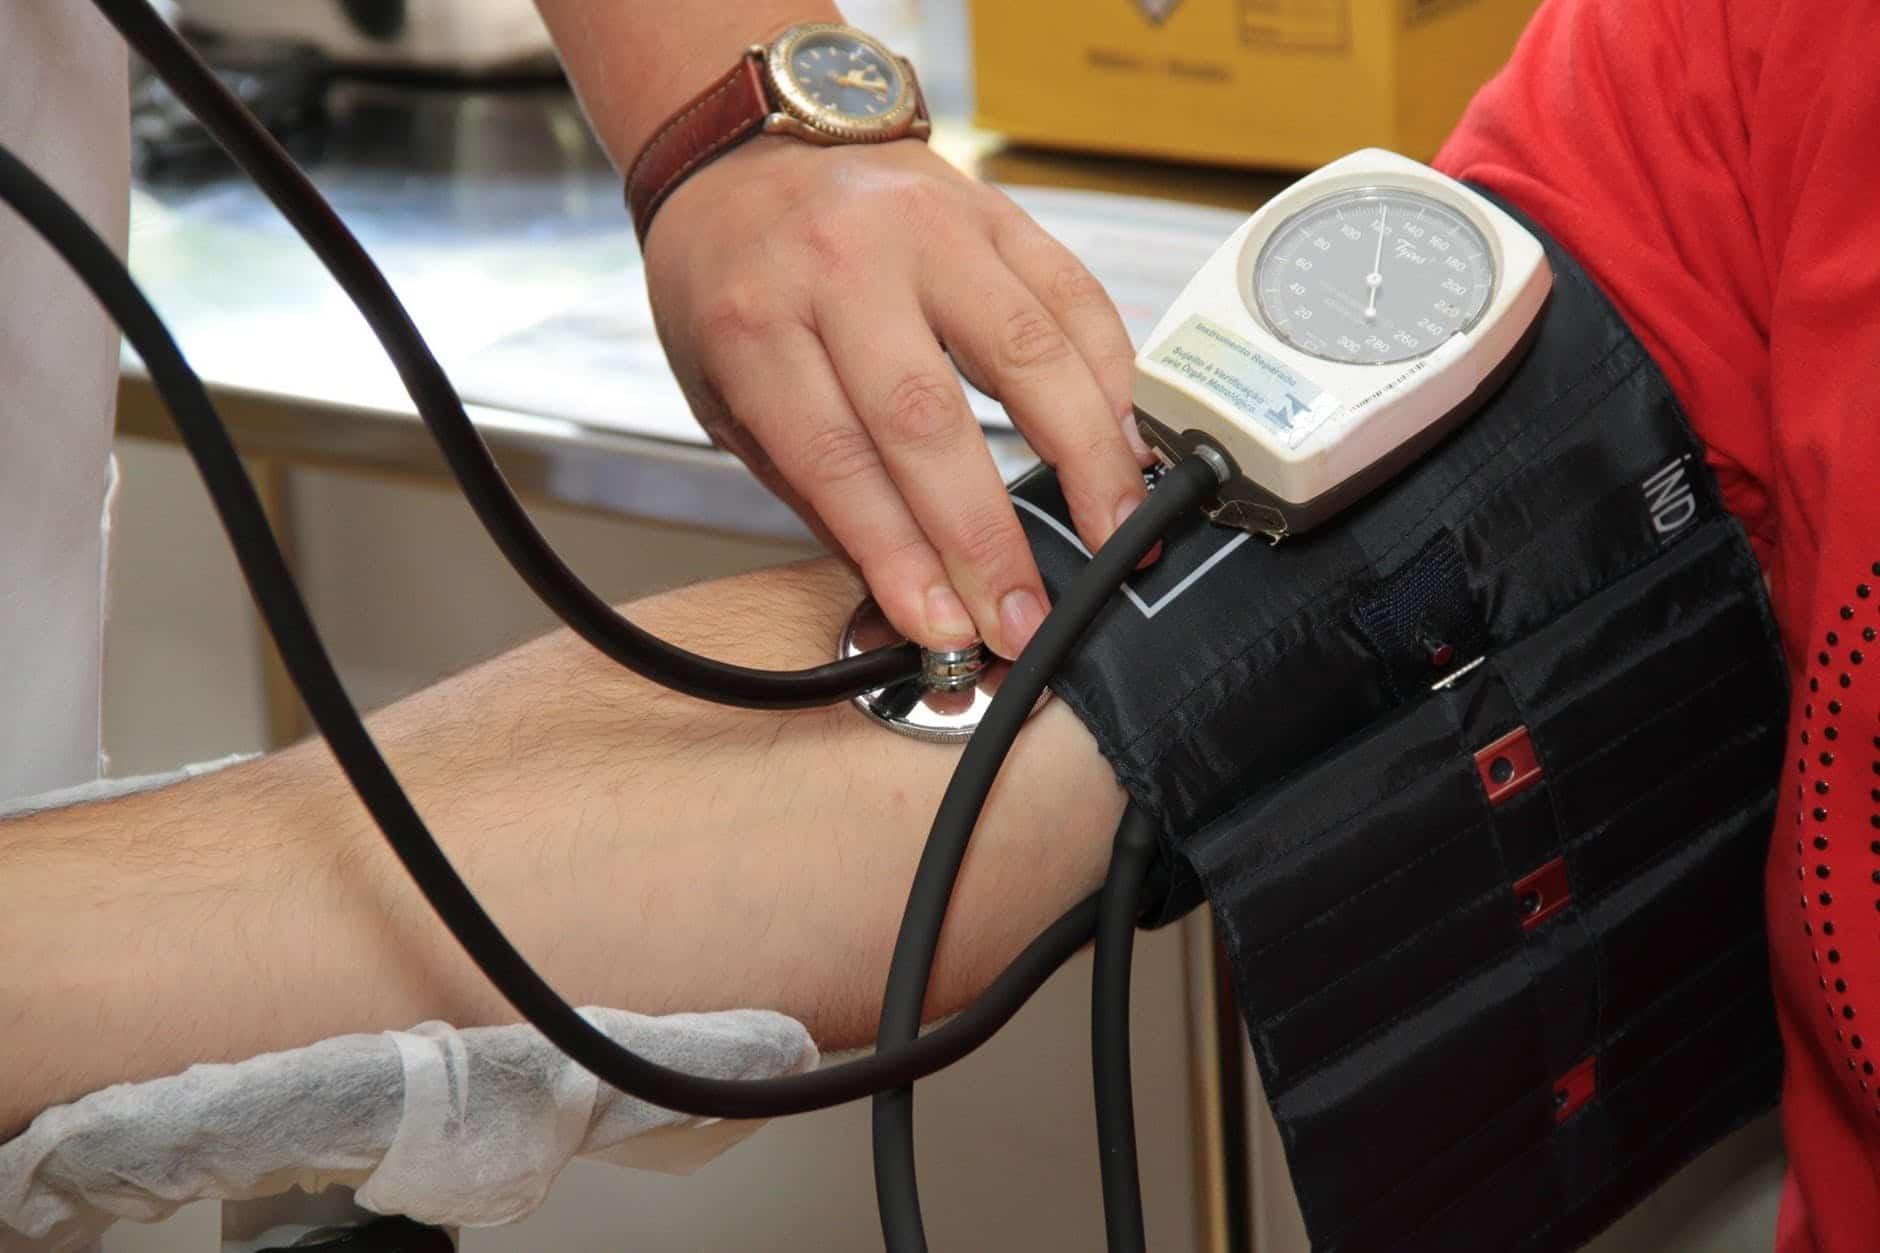 Médecin qui mesure la tension d'un patient avec un tensiomètre manuel